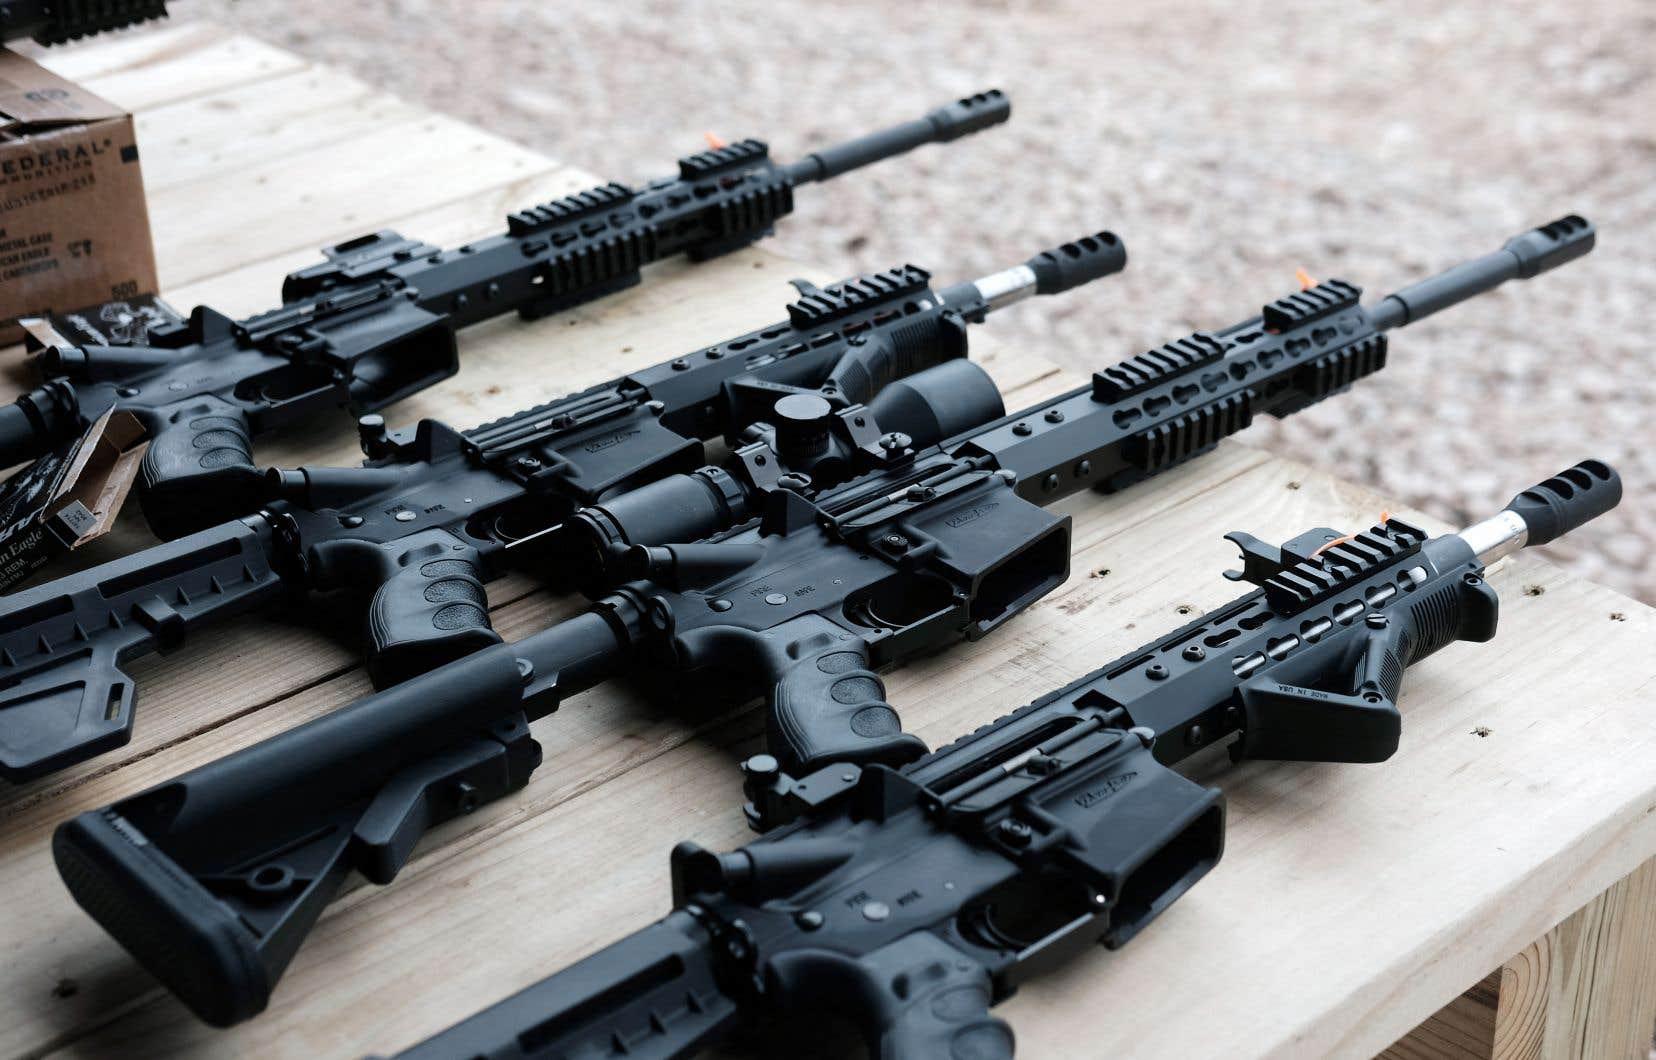 Plus de 1500 modèles de fusils d'assaut, dont ceux de type AR-15, sont prohibés par un décret du gouvernement libéral depuis mai 2020.